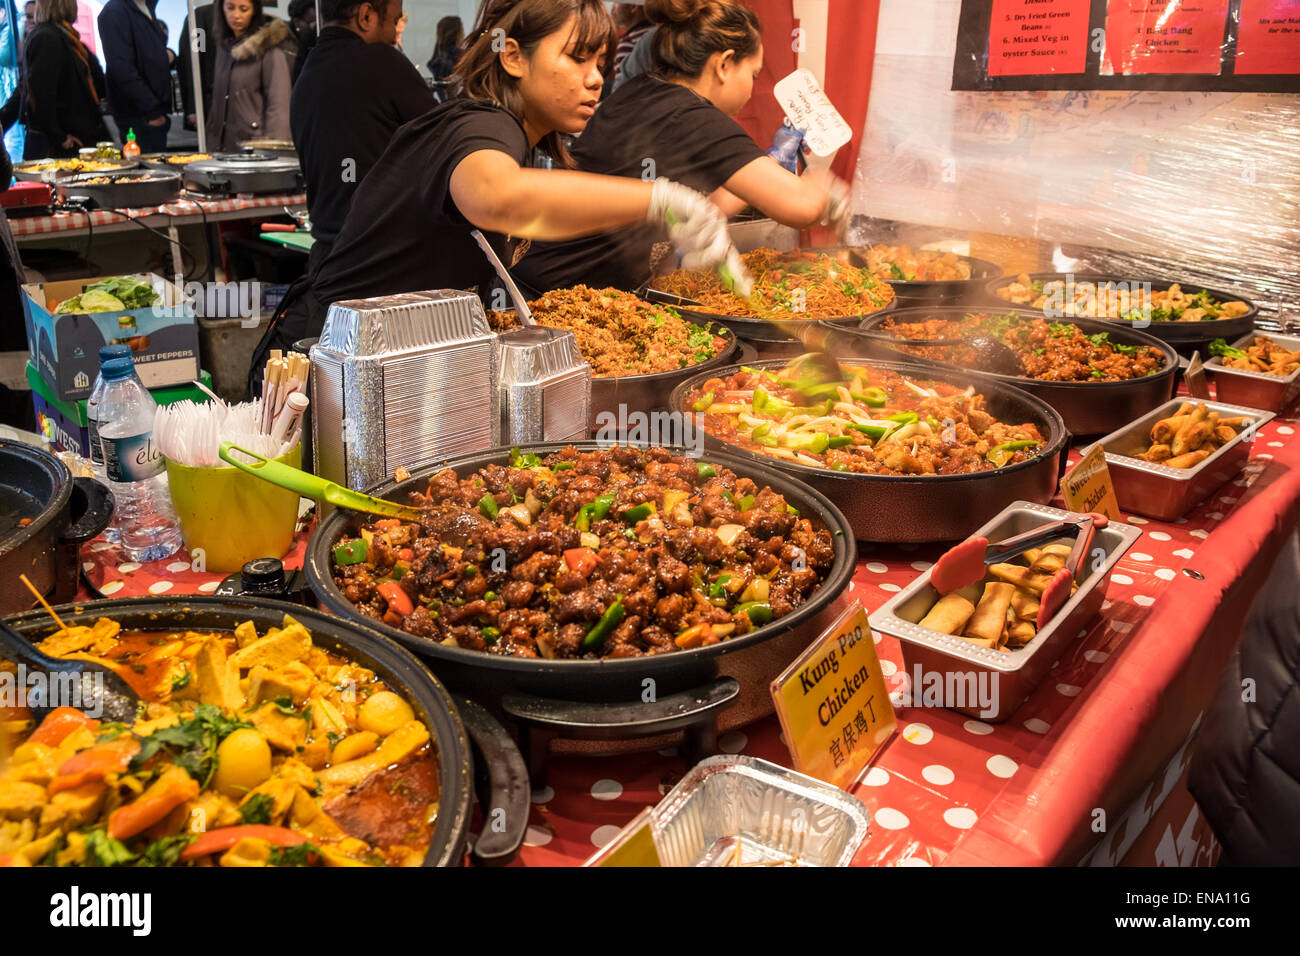 Food Market In East London